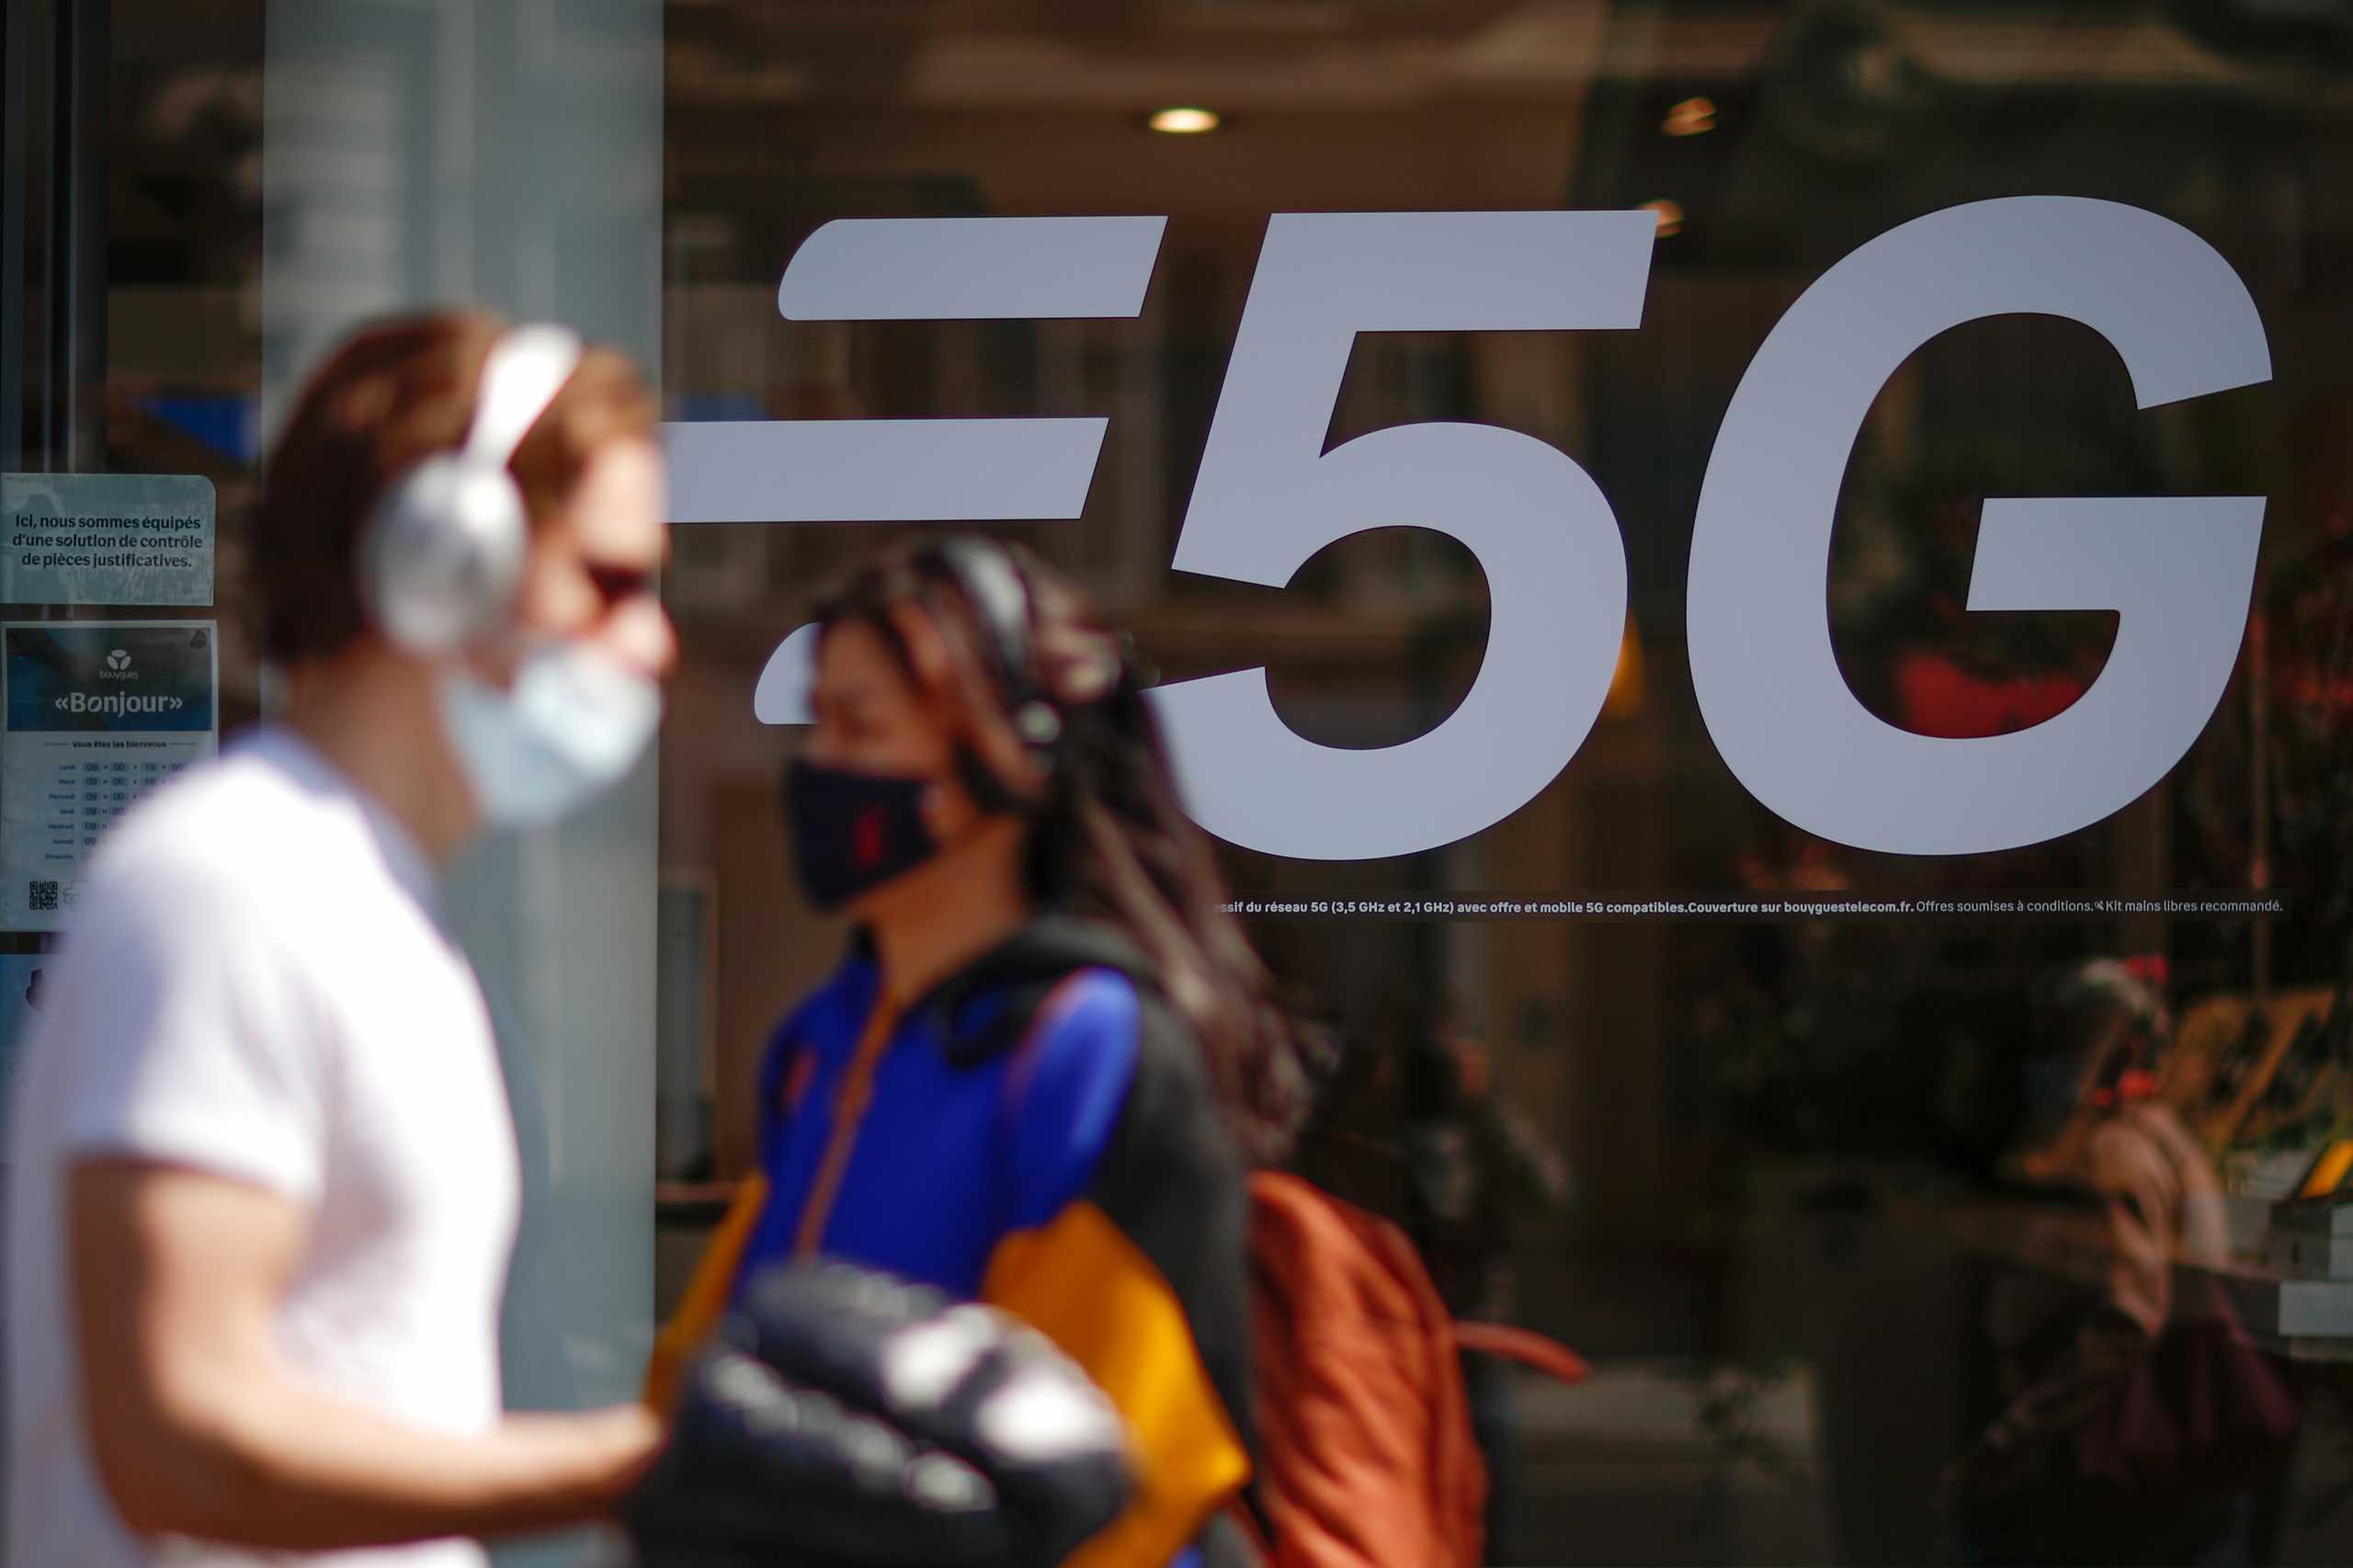 Τεχνολογία 5G: Οι αλλαγές που φέρνει στις ζωές μας – Έρευνα των MRB και Wind